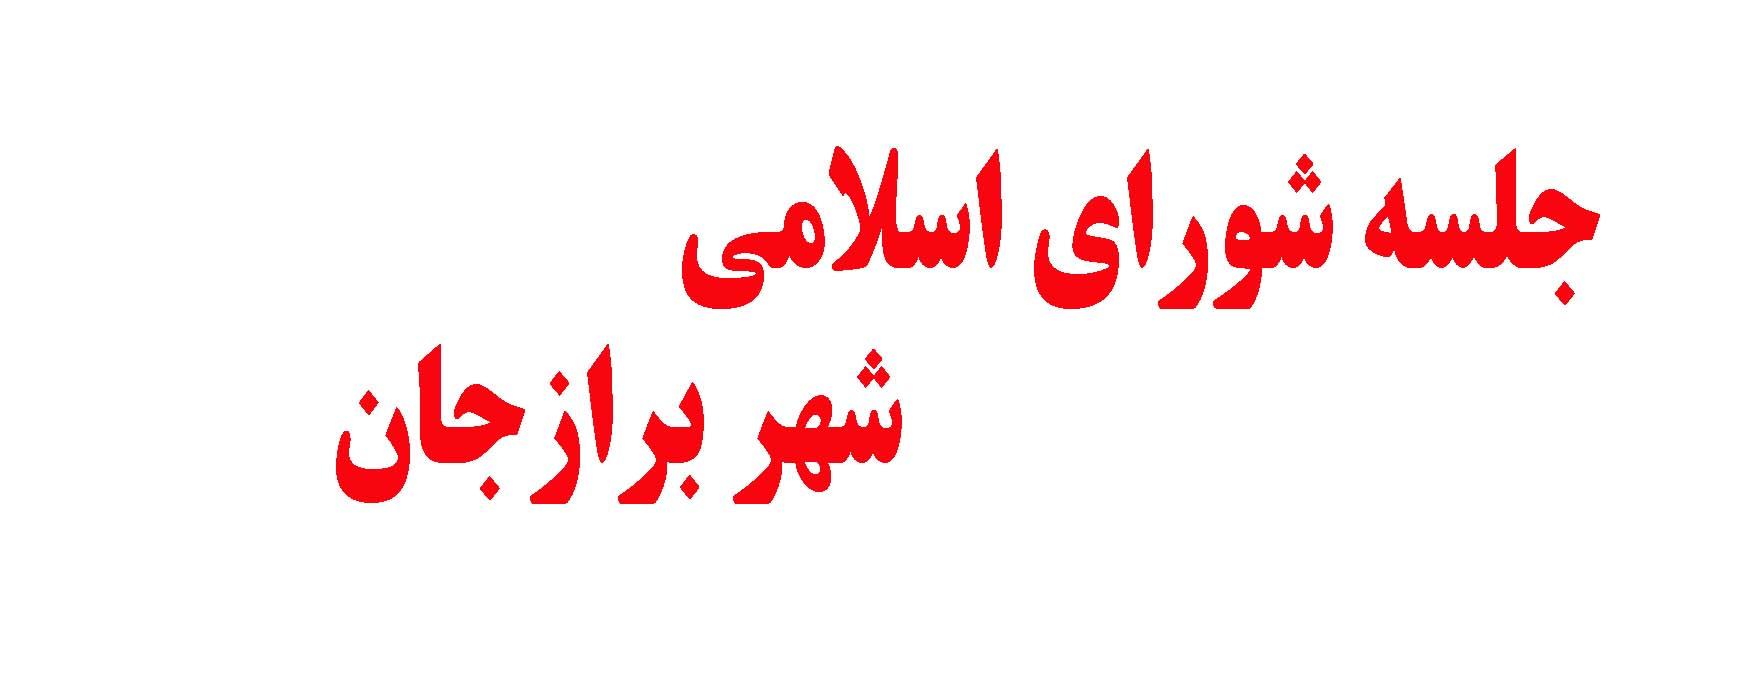 جلسه امروز شورای اسلامی شهربرازجان پیشگیری ازمعضلات اجتماعی باحضور مسولین استانی وشهرستانی